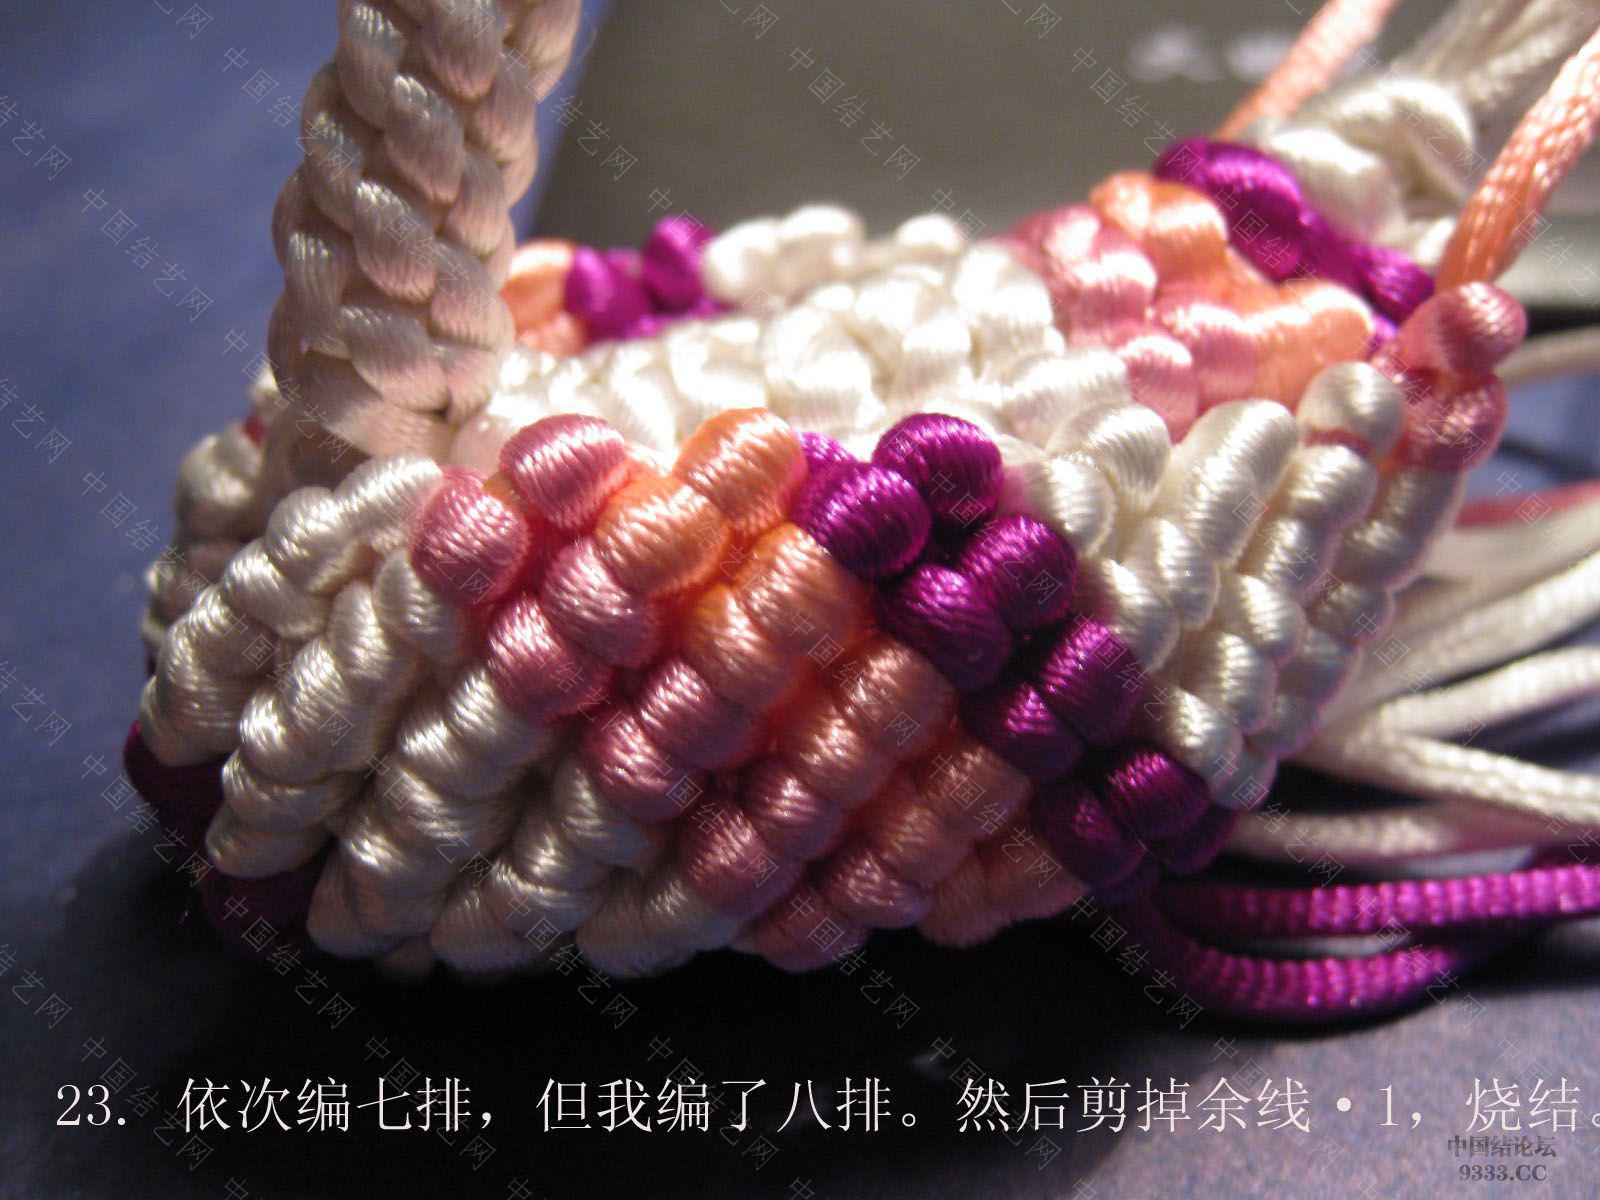 中国结论坛 学习一米老师编的天鹅的图文教程  立体绳结教程与交流区 0910261516ec10abd41f4d1744